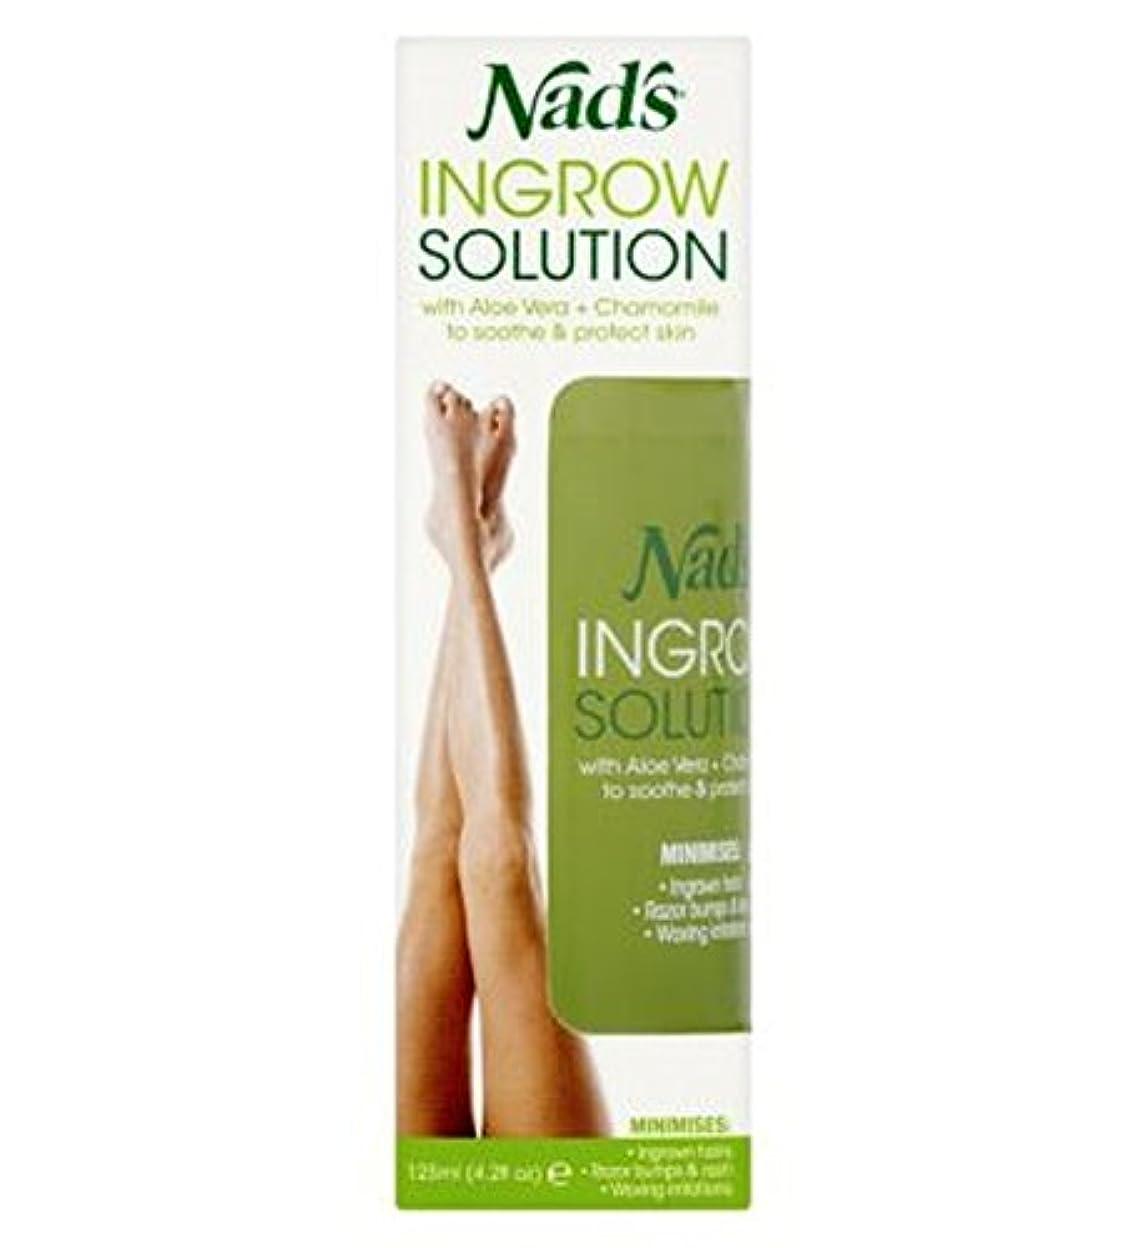 ワックス適合思想Nad's Ingrow Solution - ナドの内部に成長するソリューション (Nad's) [並行輸入品]